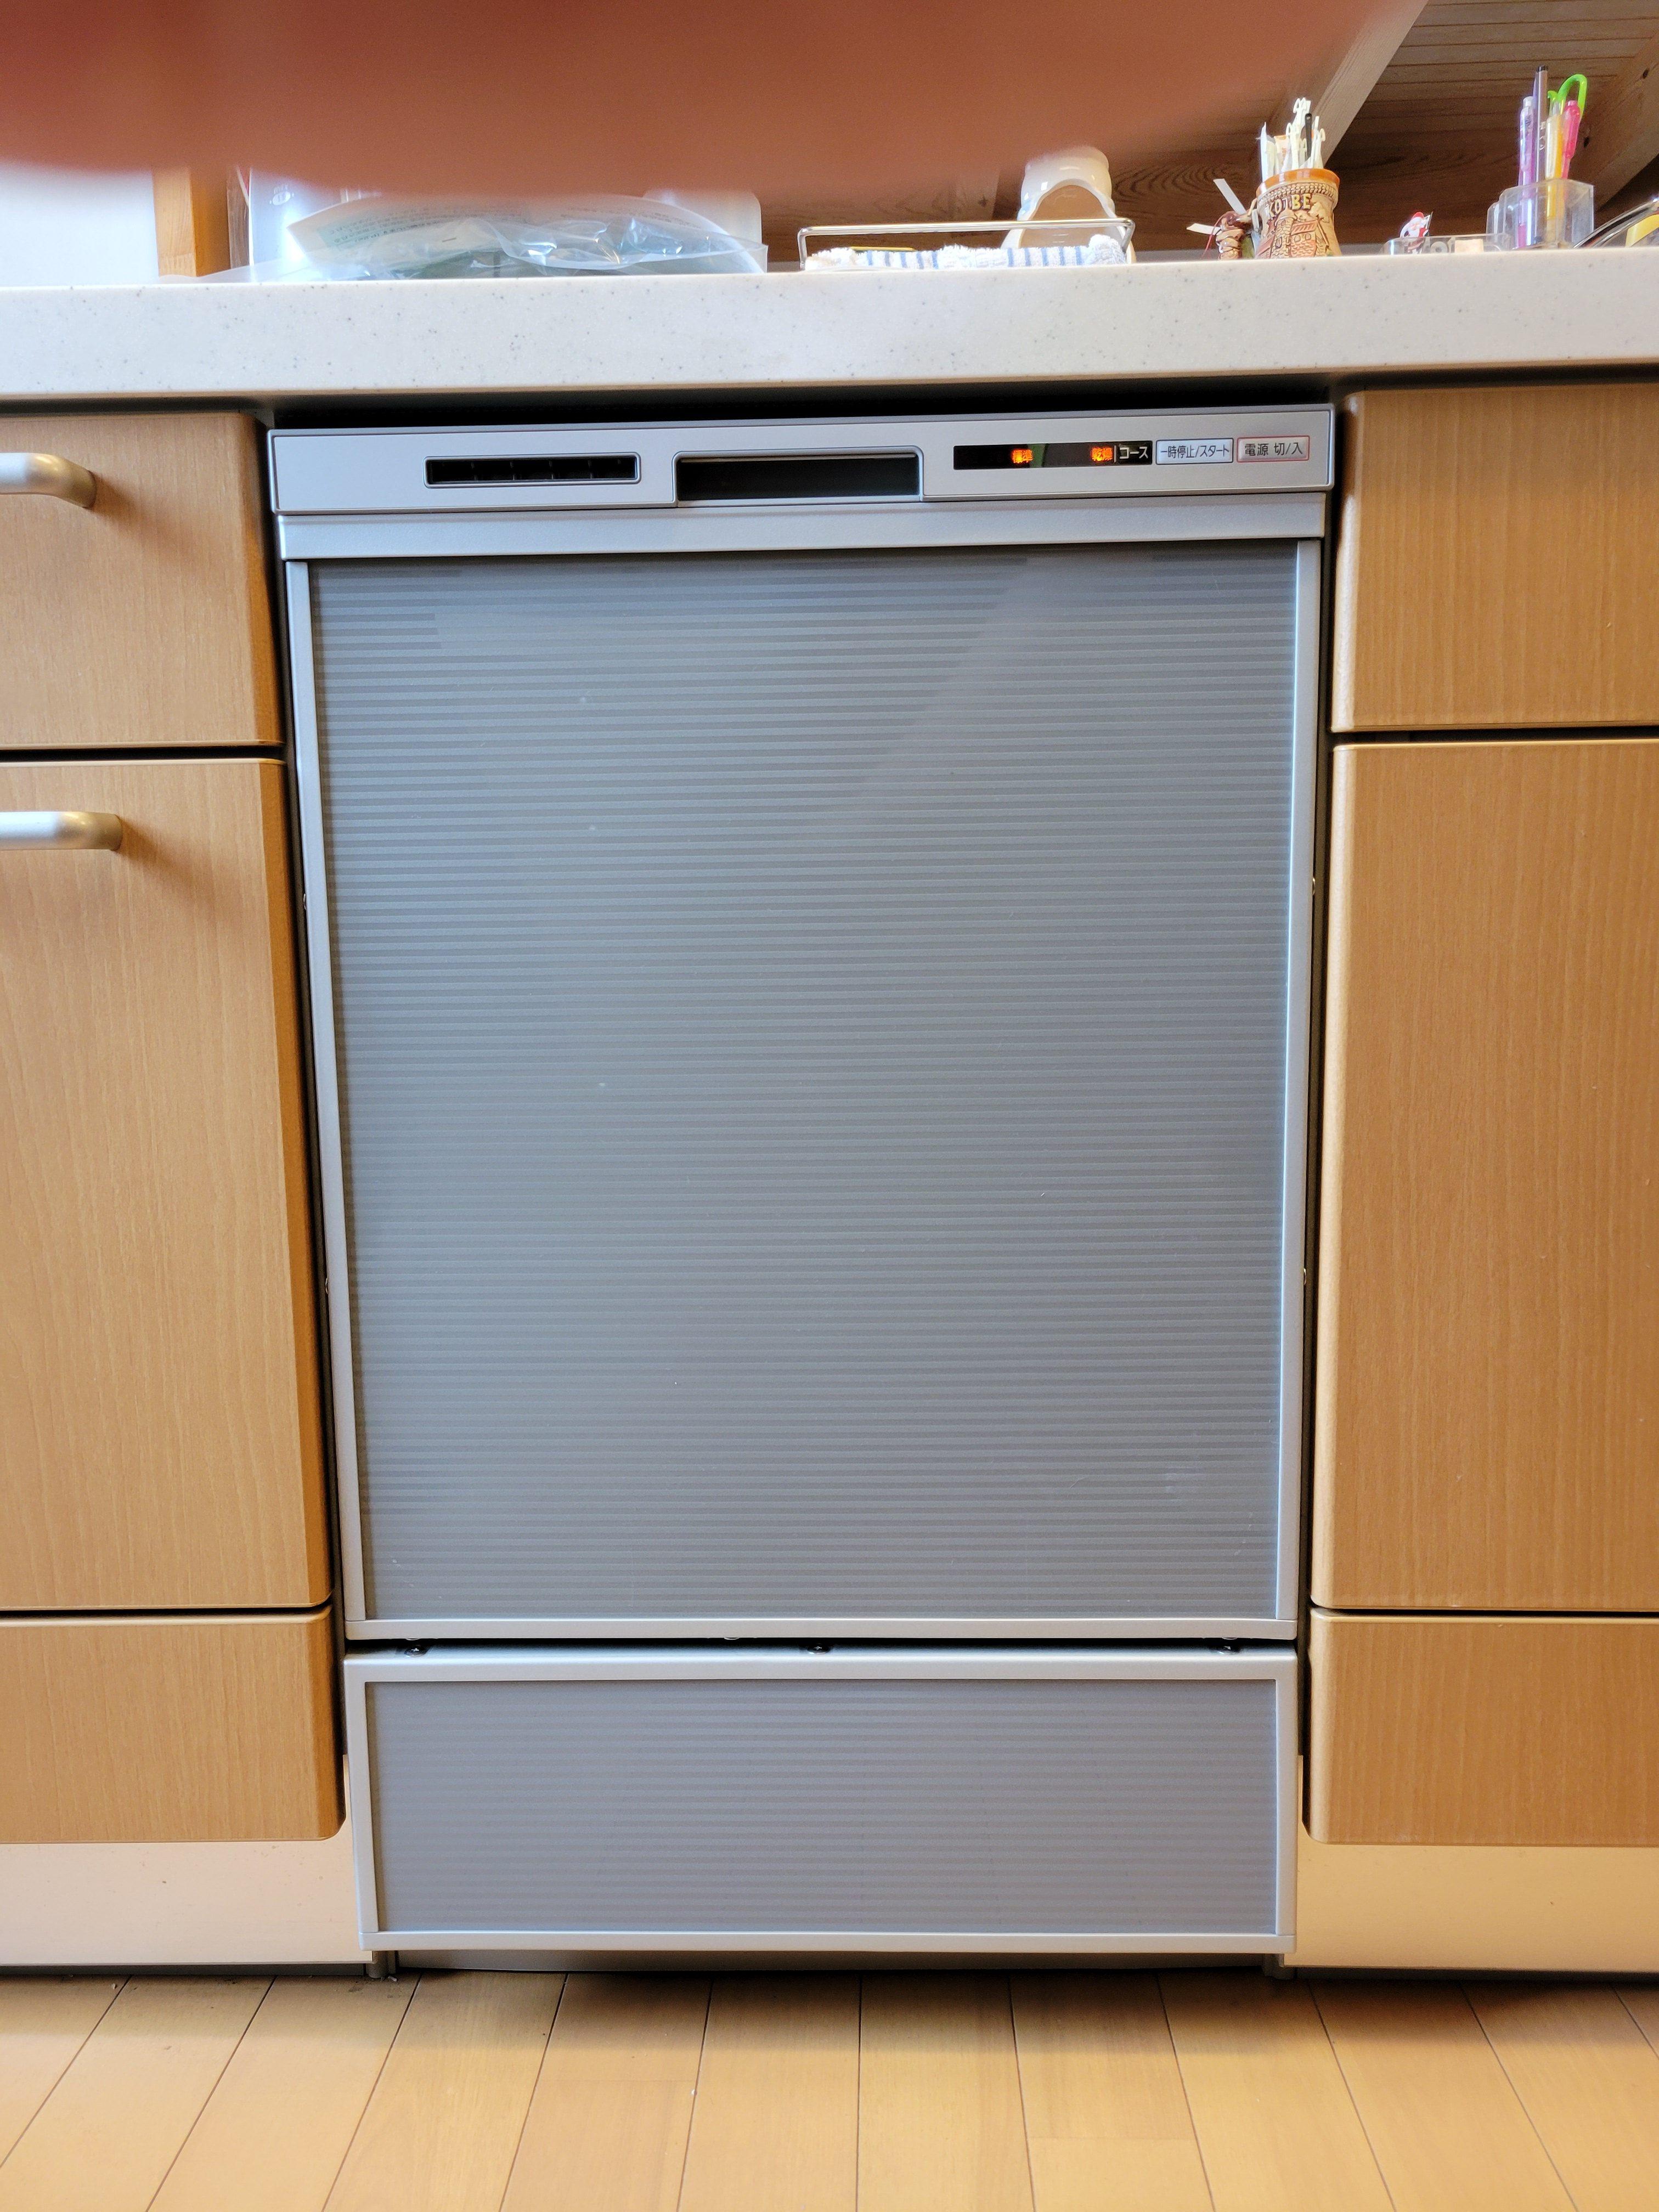 食洗機 深型 取替工事 ギャラリーパティオの現場ブログ メイン写真